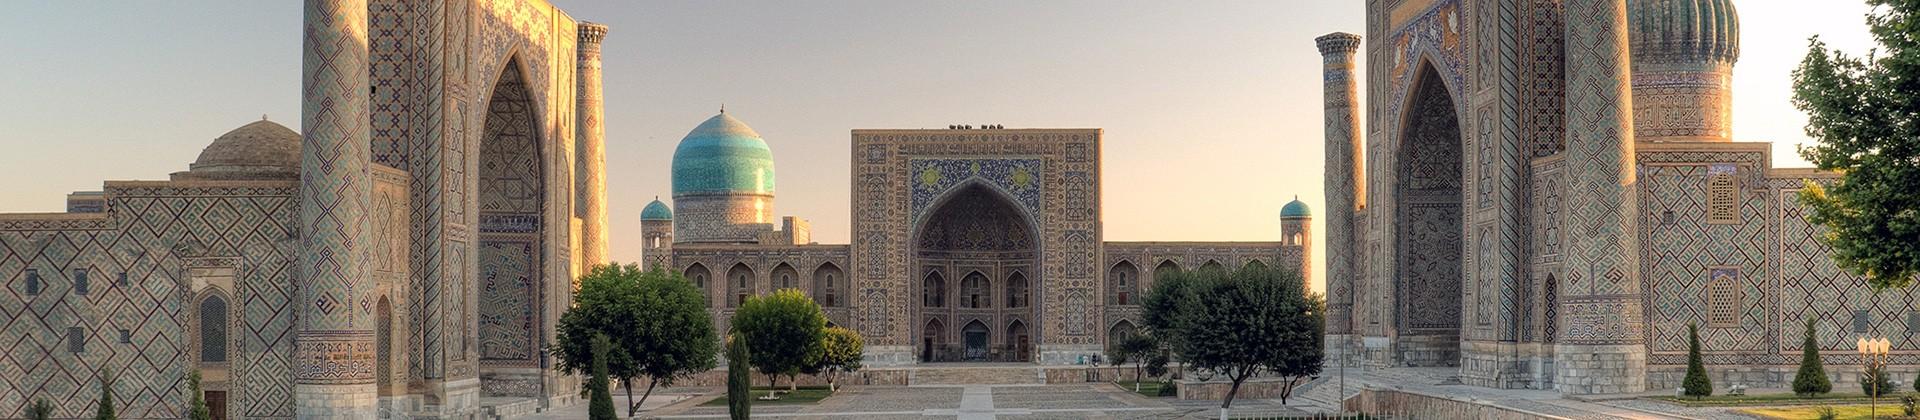 Площадь и комплекс Регистан - 1